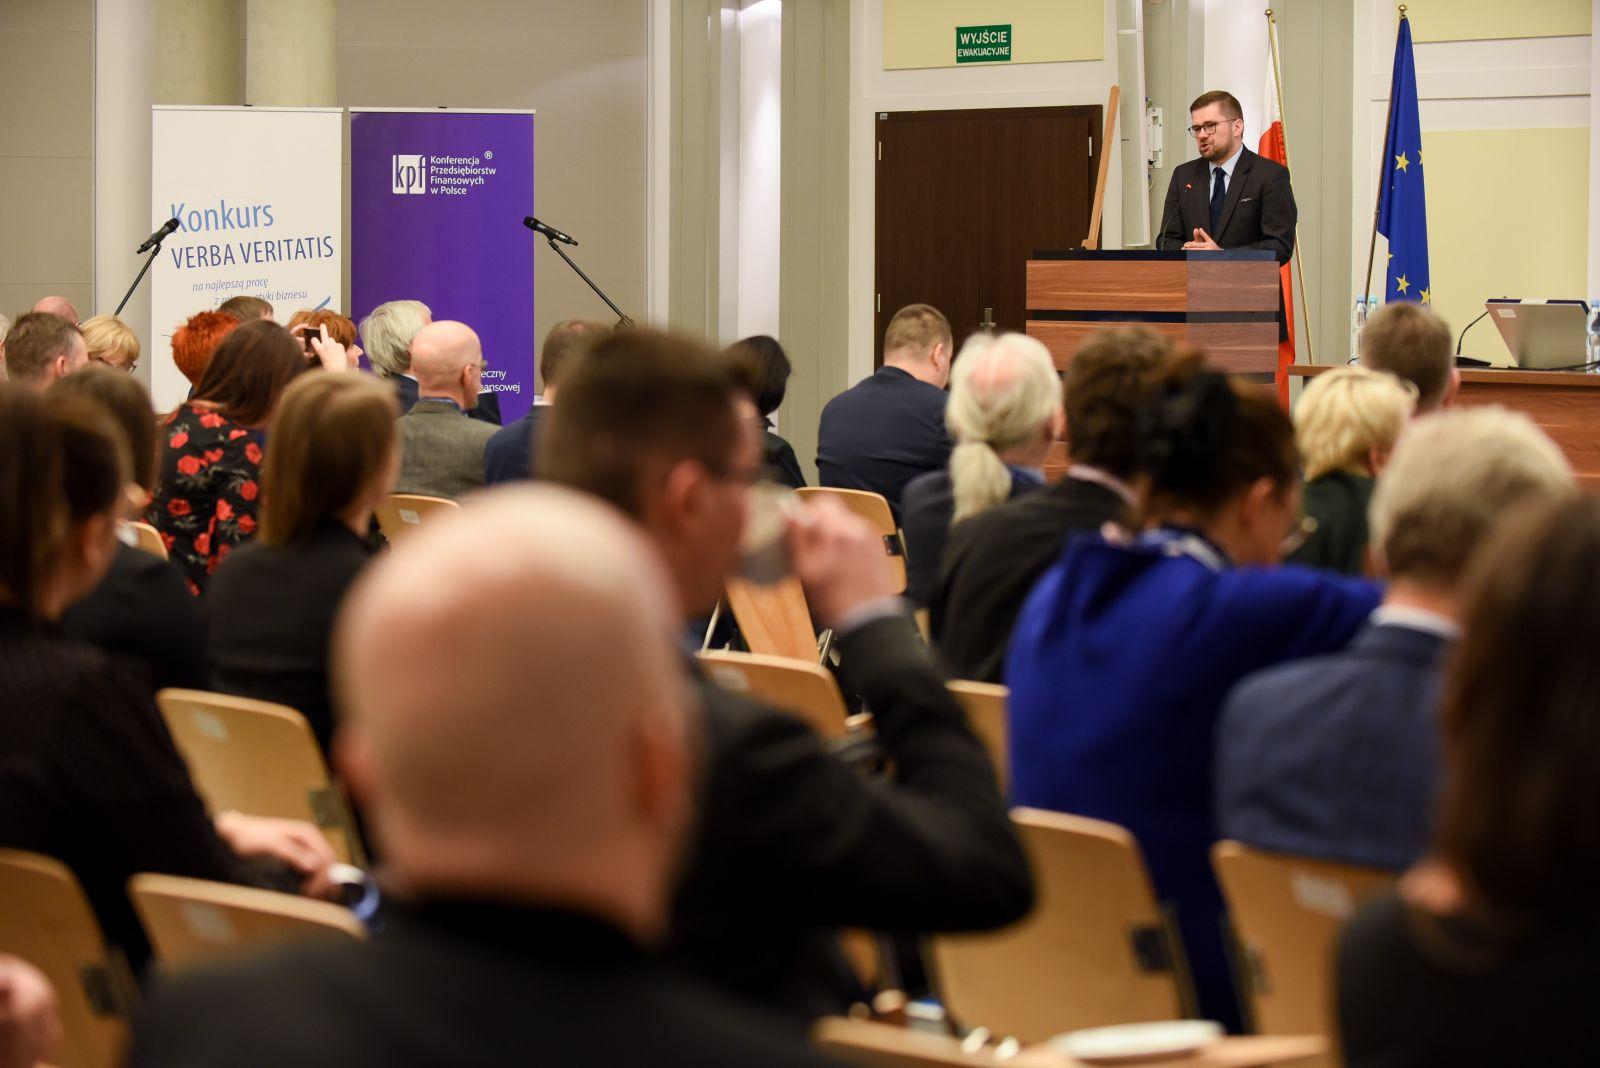 Wystąpienie Pawła Chorążego, Podsekretarza Stanu w Ministerstwie Rozwoju